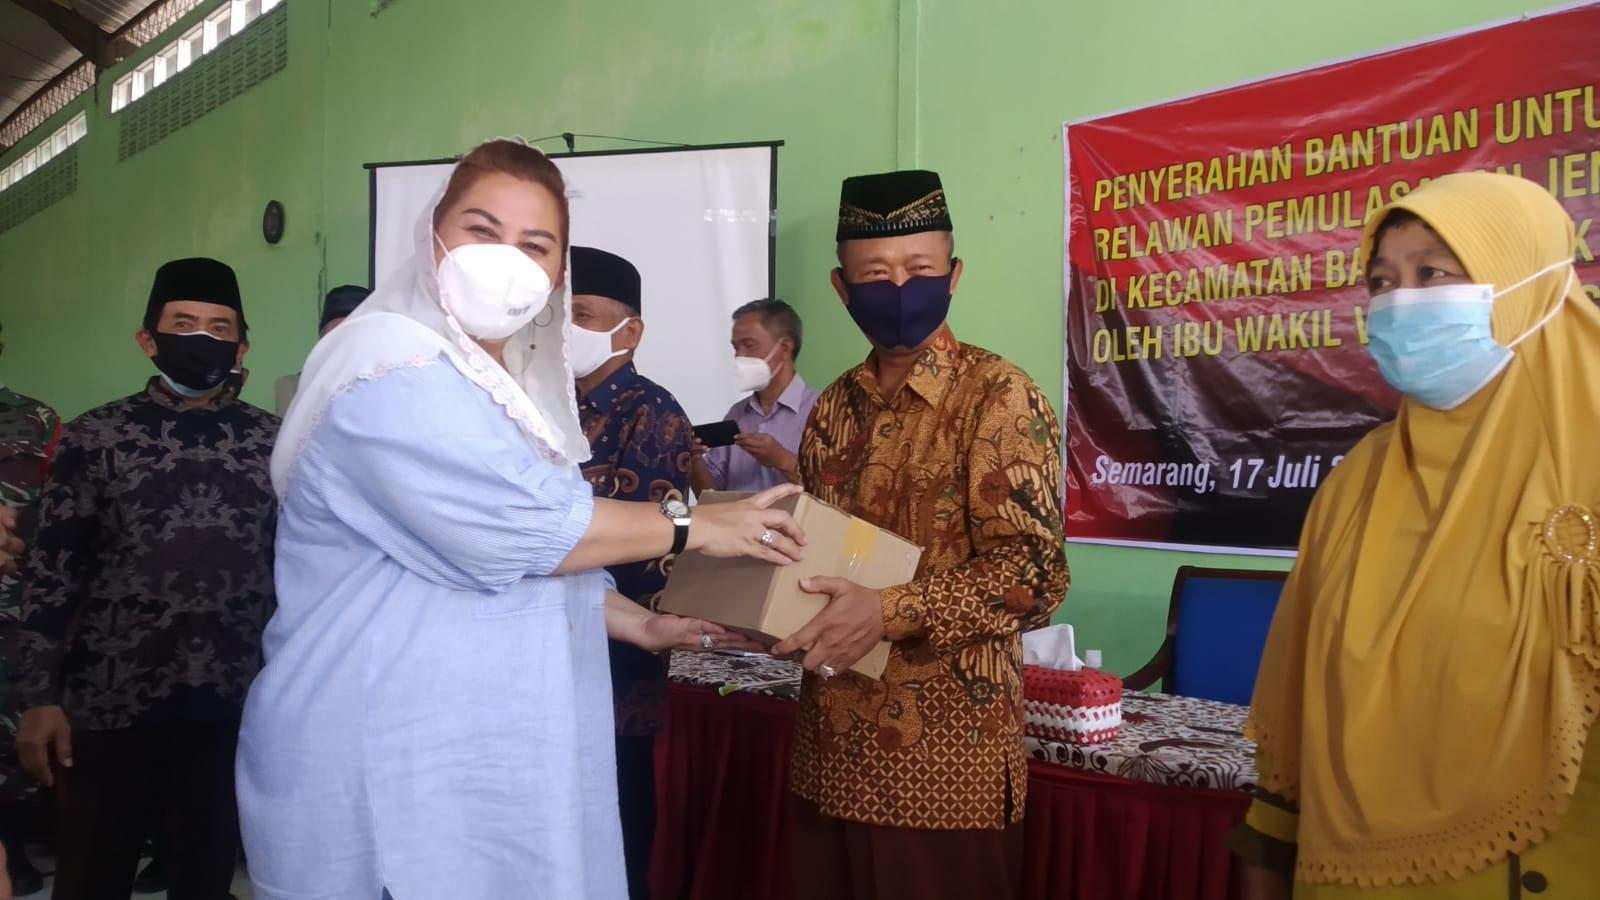 Wakil Wali Kota Semarang, Hevearita Gunaryanti Rahayu, menyerahkan bantuan kepada perwakilan relawan, di Kantor Kelurahan Sumurboto, Kecamatan Banyumanik, Semarang. Sabtu (17/7/2021). FOTO: Dinda Rahmasari Tunggal Sukma/Lingkar.co